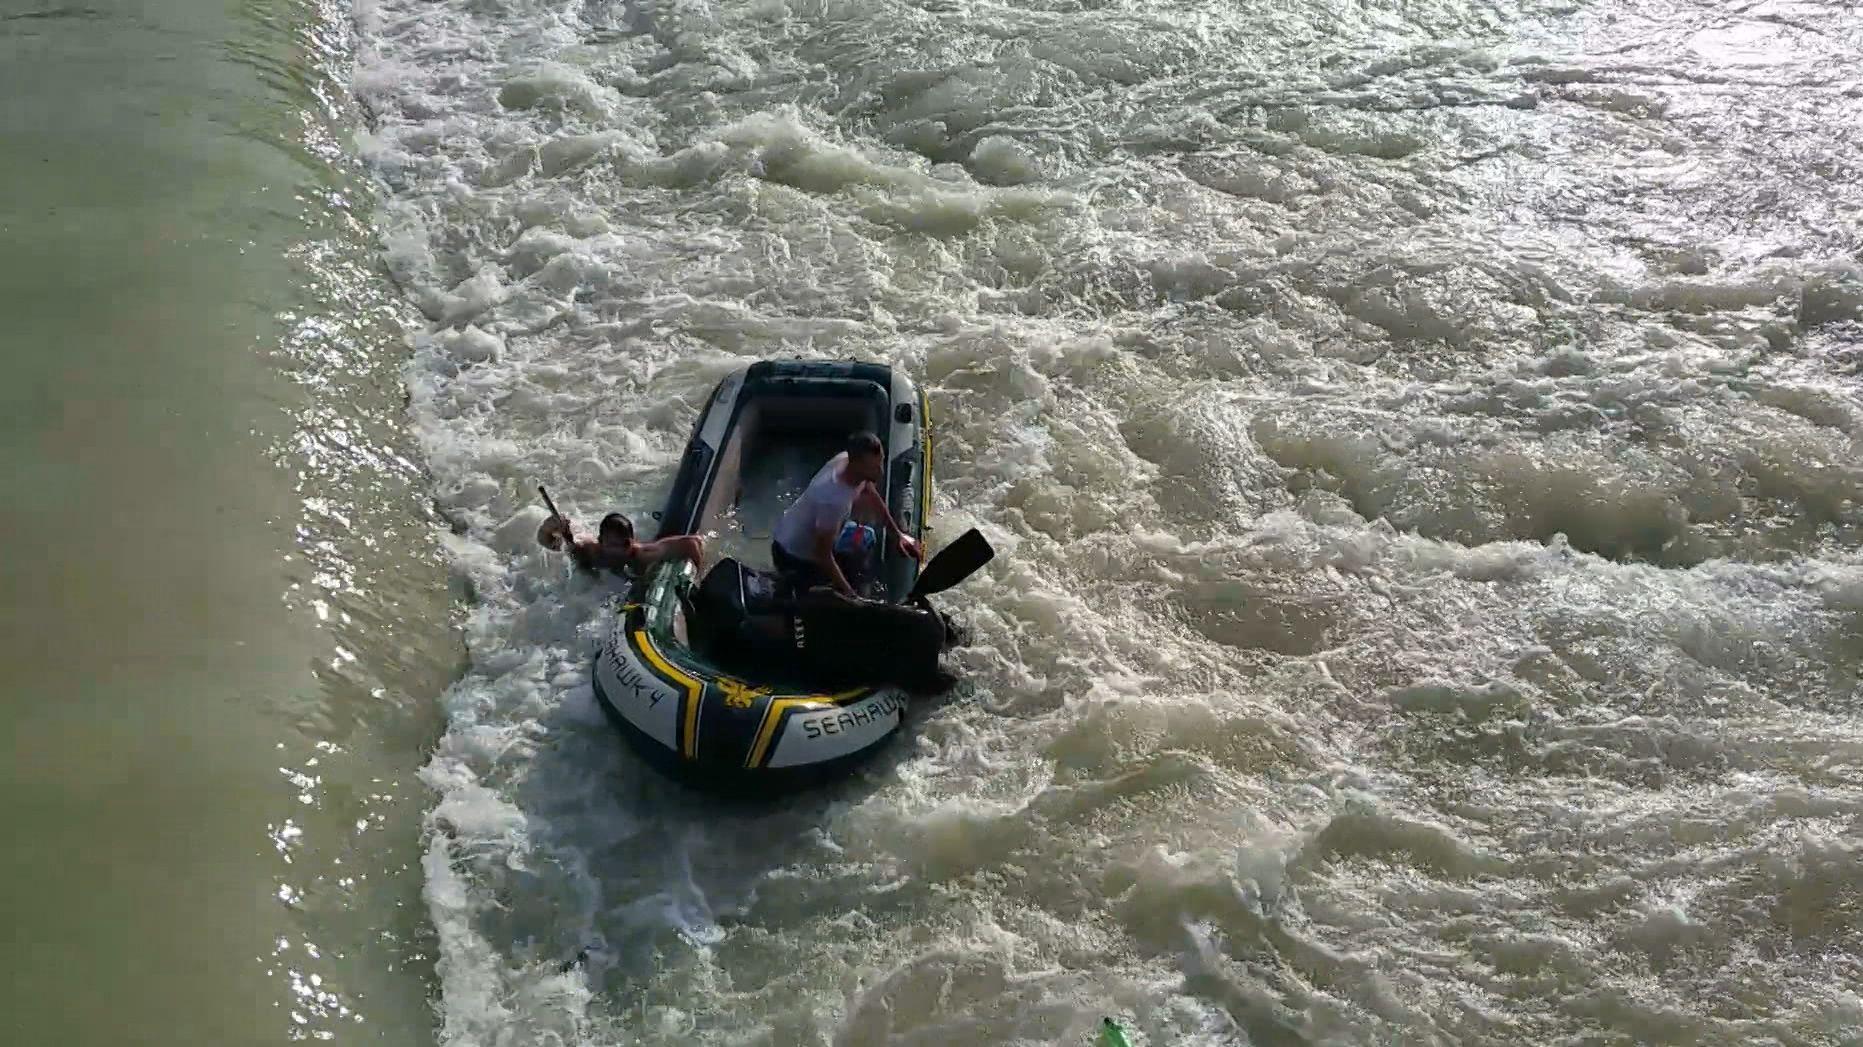 Schlauchbootfahrer in Wasserwalze